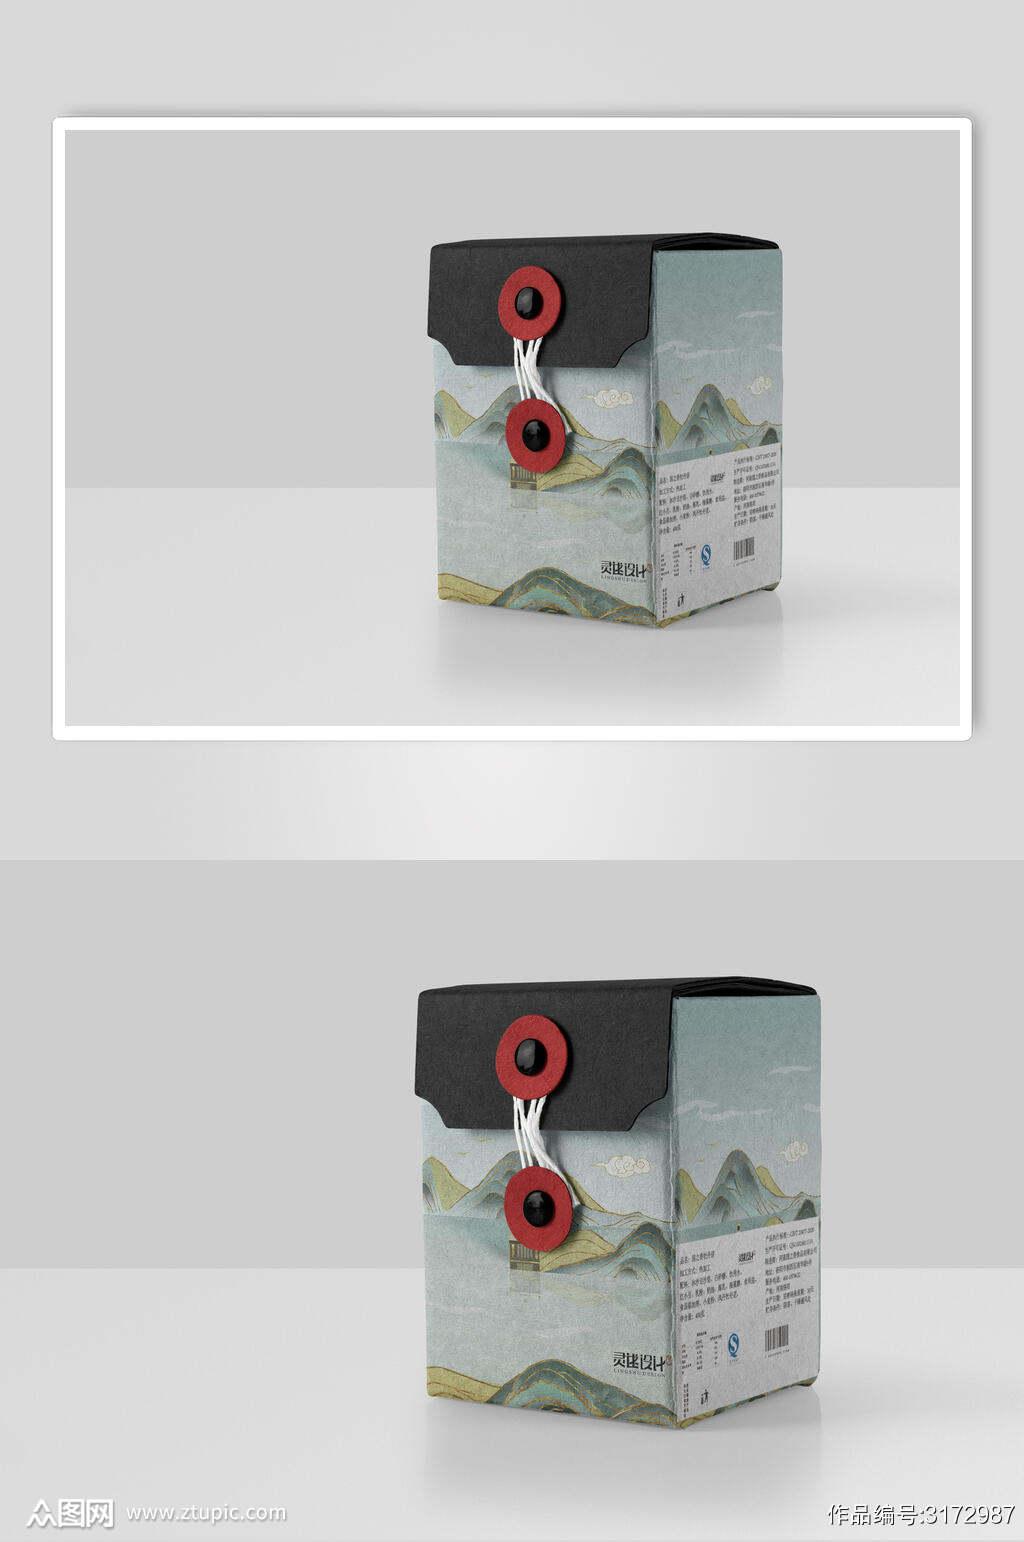 手绘卡通盲盒文创样机素材